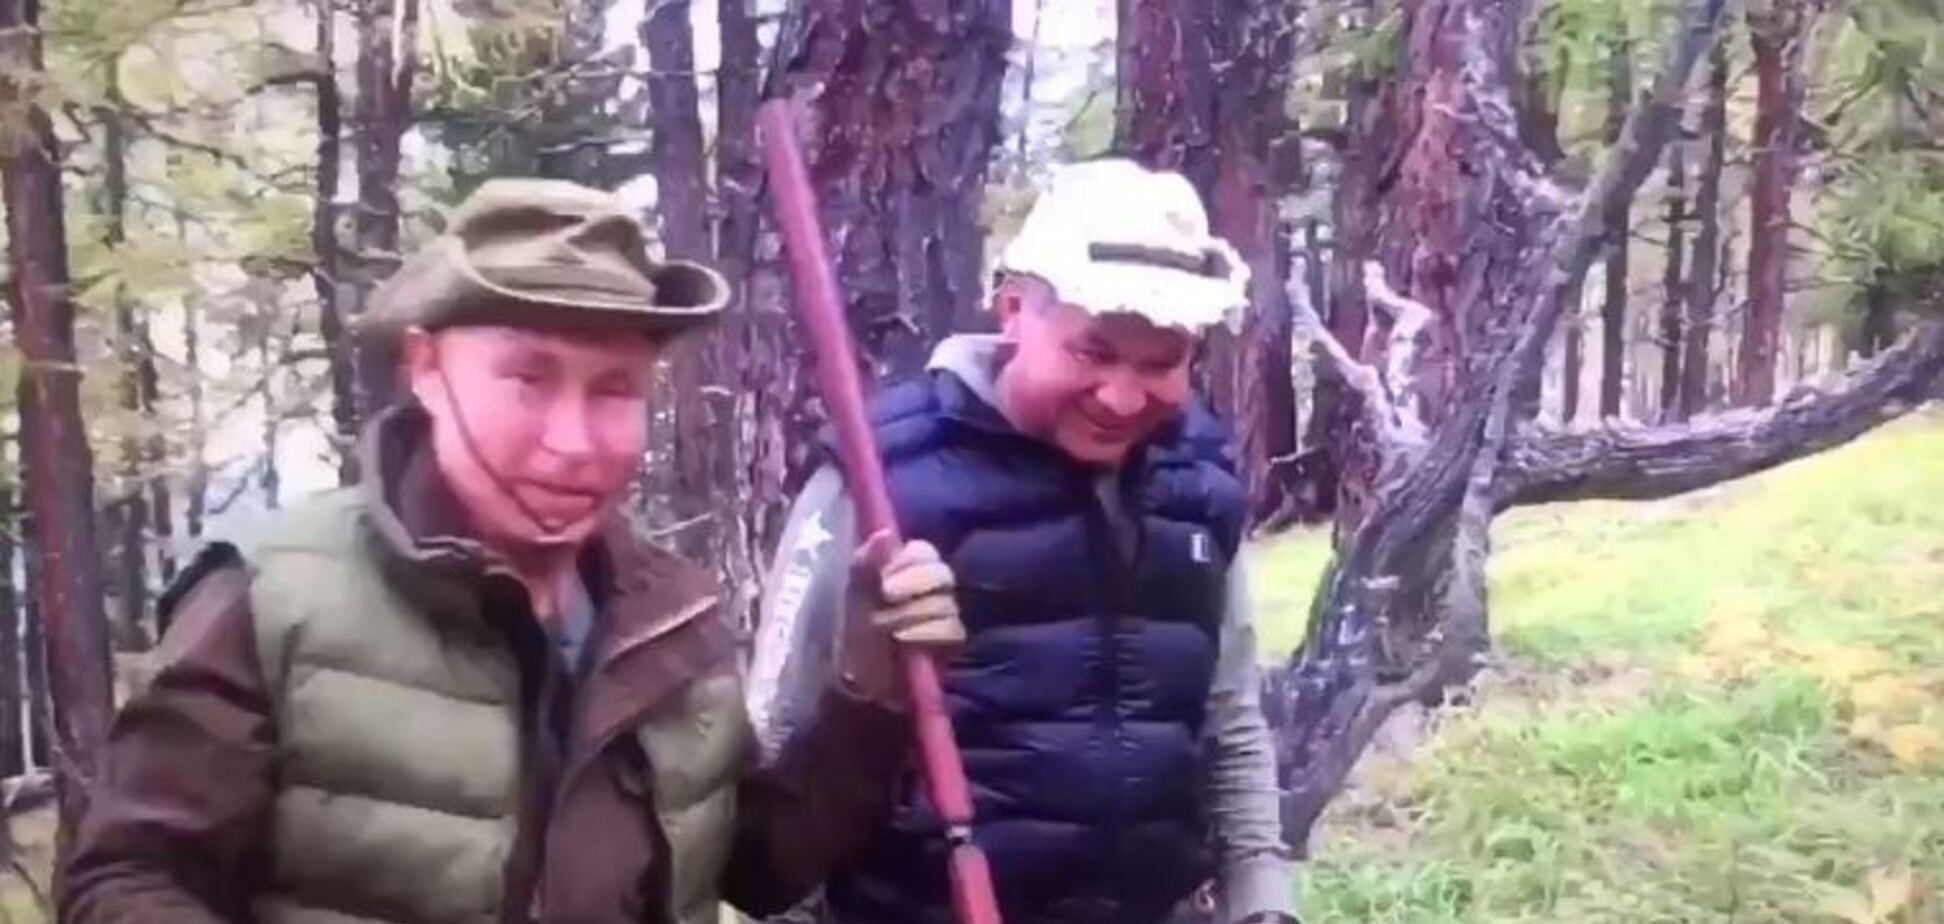 'Горбата гора!' Путіна зняли на відео за дивним заняттям